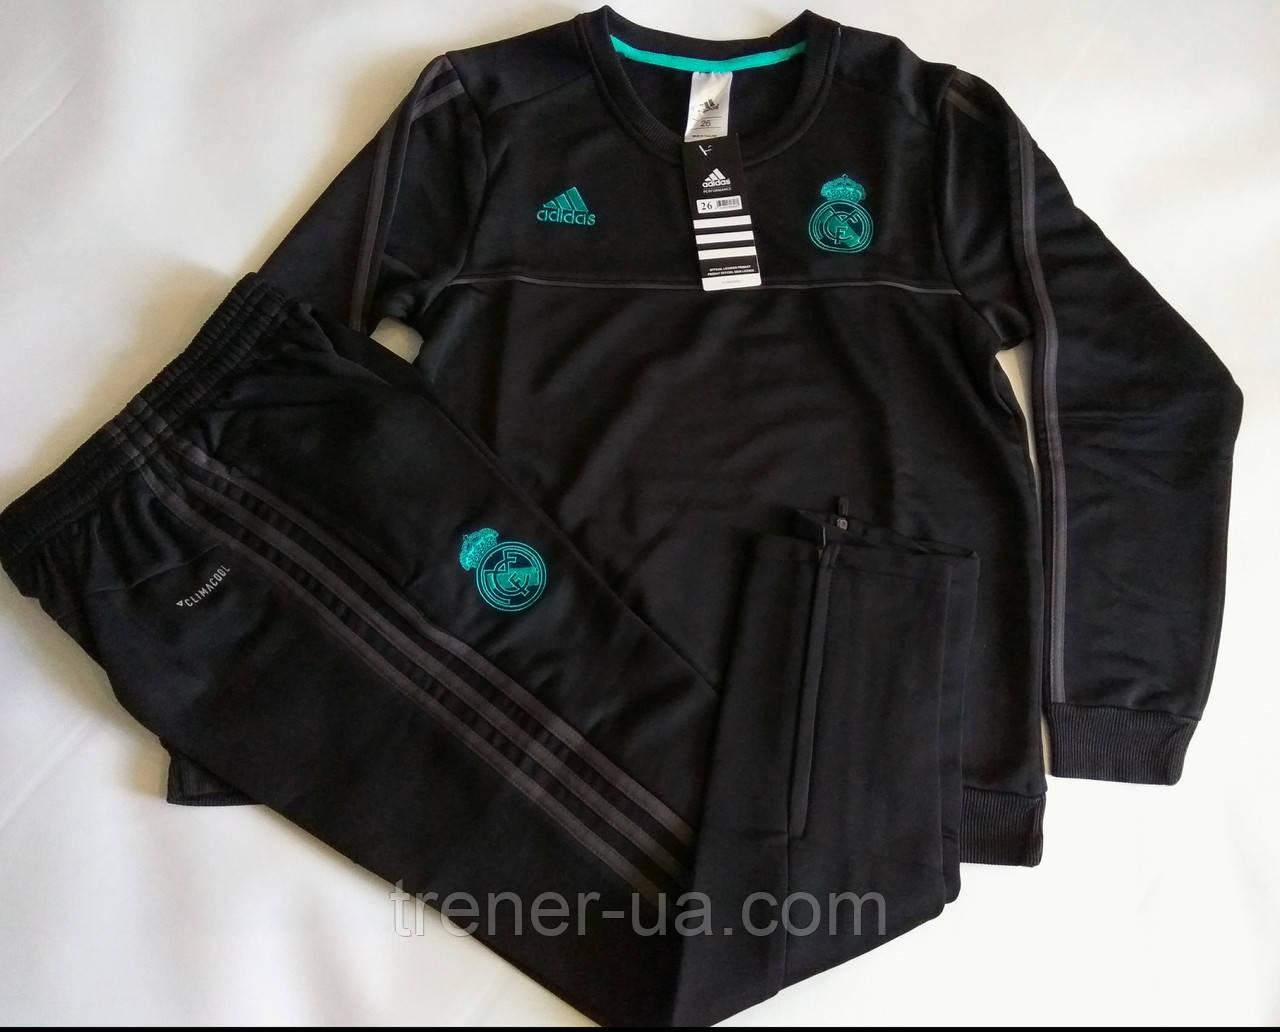 50e97d08c5a6 Футбольный костюм детский тренировочный Real Madrid в стиле Adidas 2018  сезон. - Интернет магазин футбольной